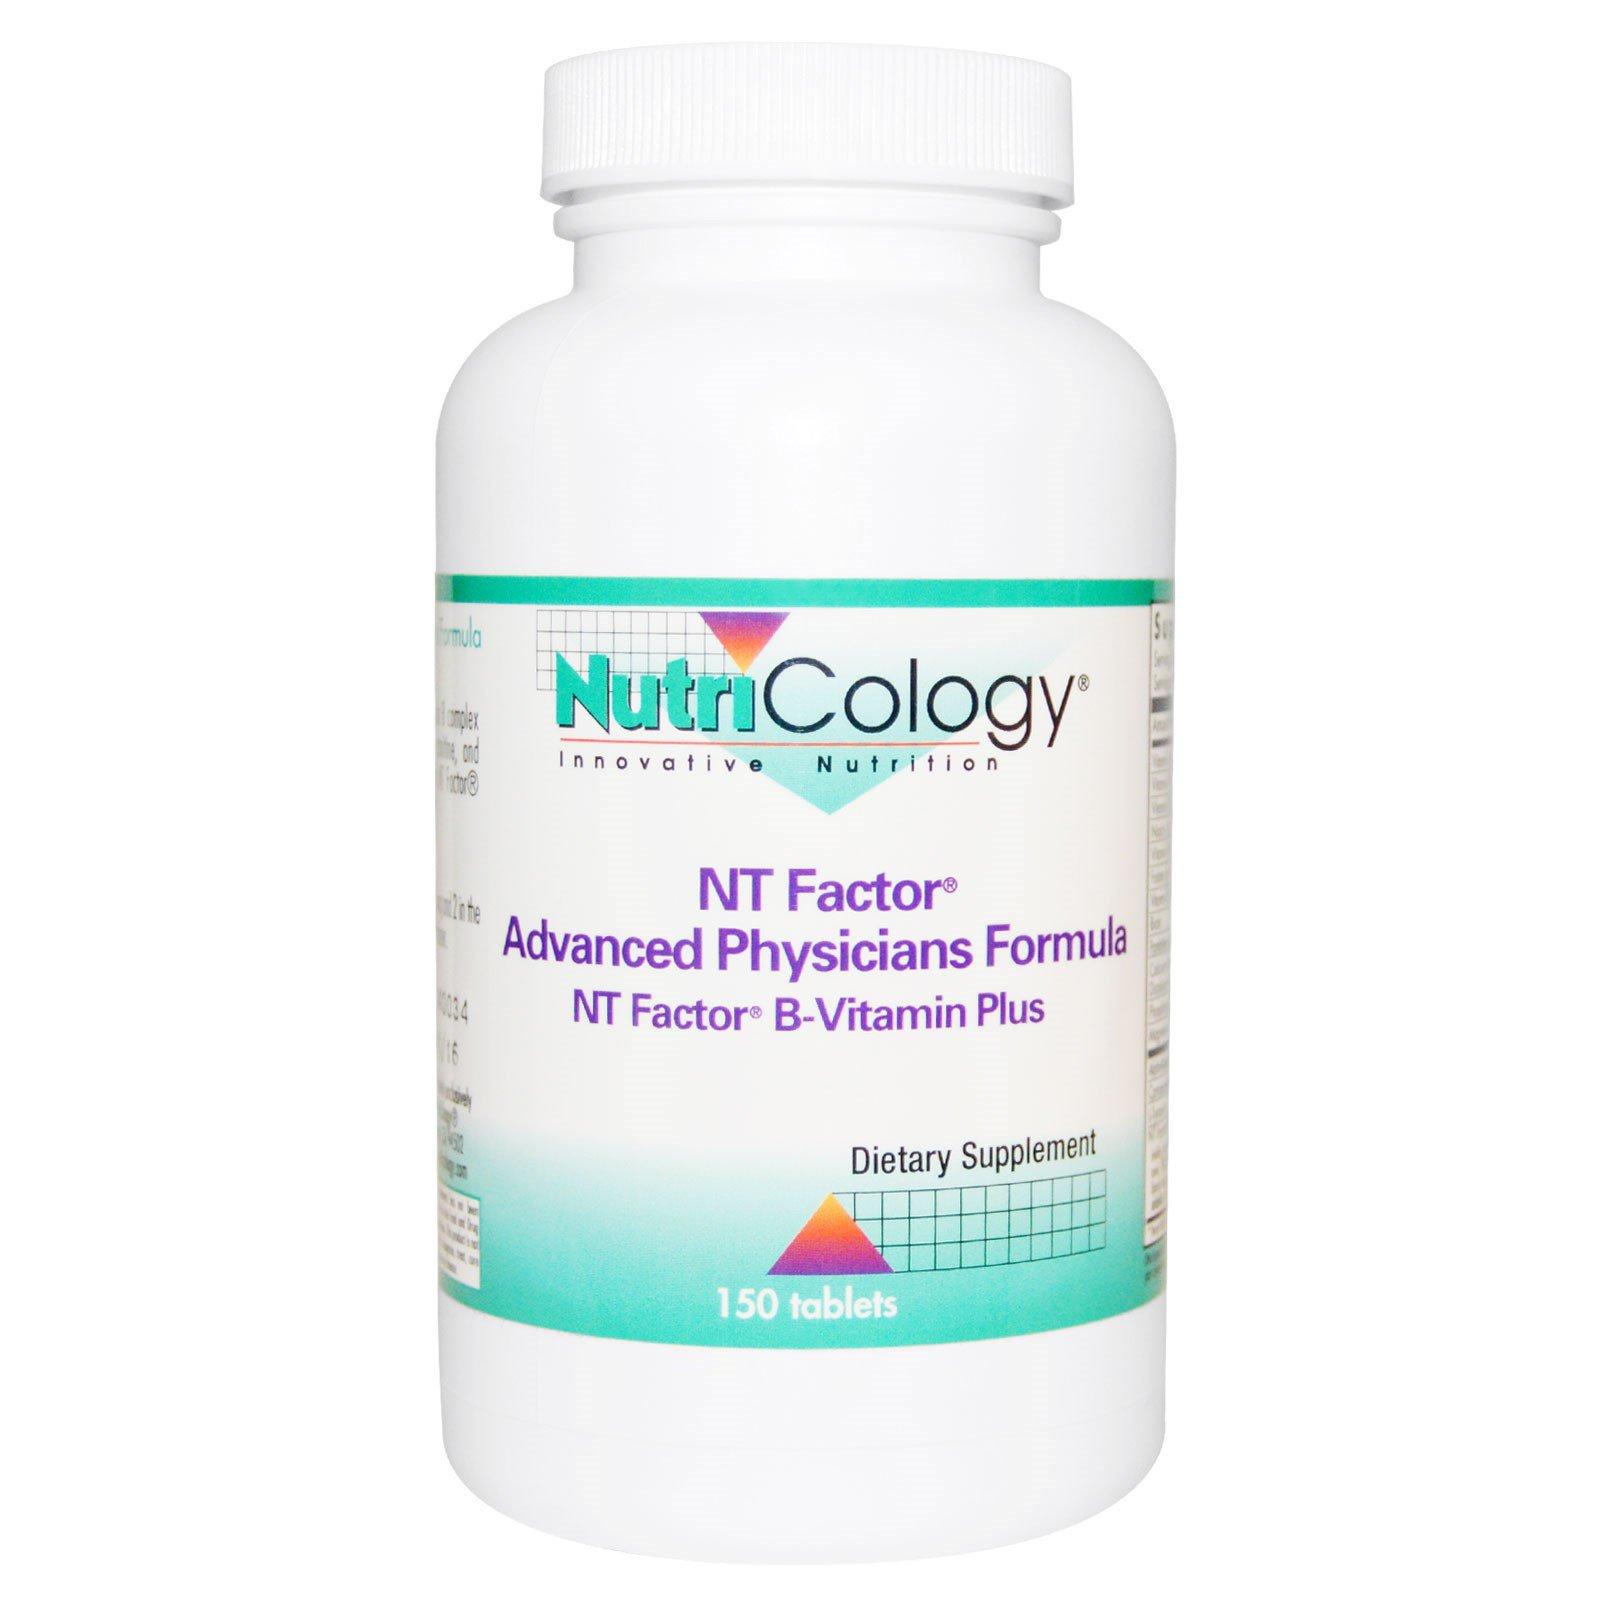 Nutricology, NT Factor, современный врачебный состав, 150 таблеток